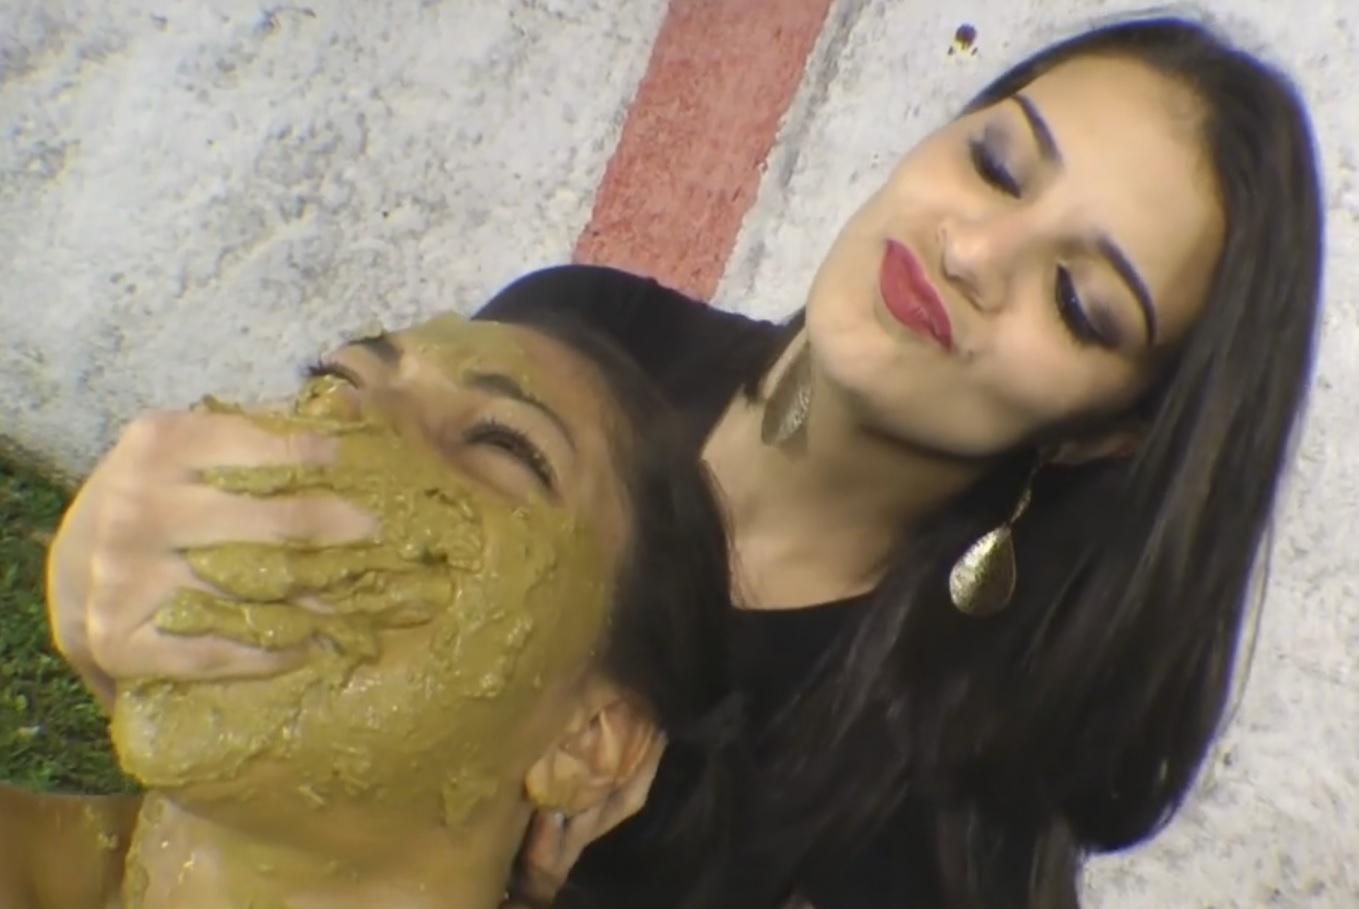 Garota brasileira tomando cagada na boca de outra